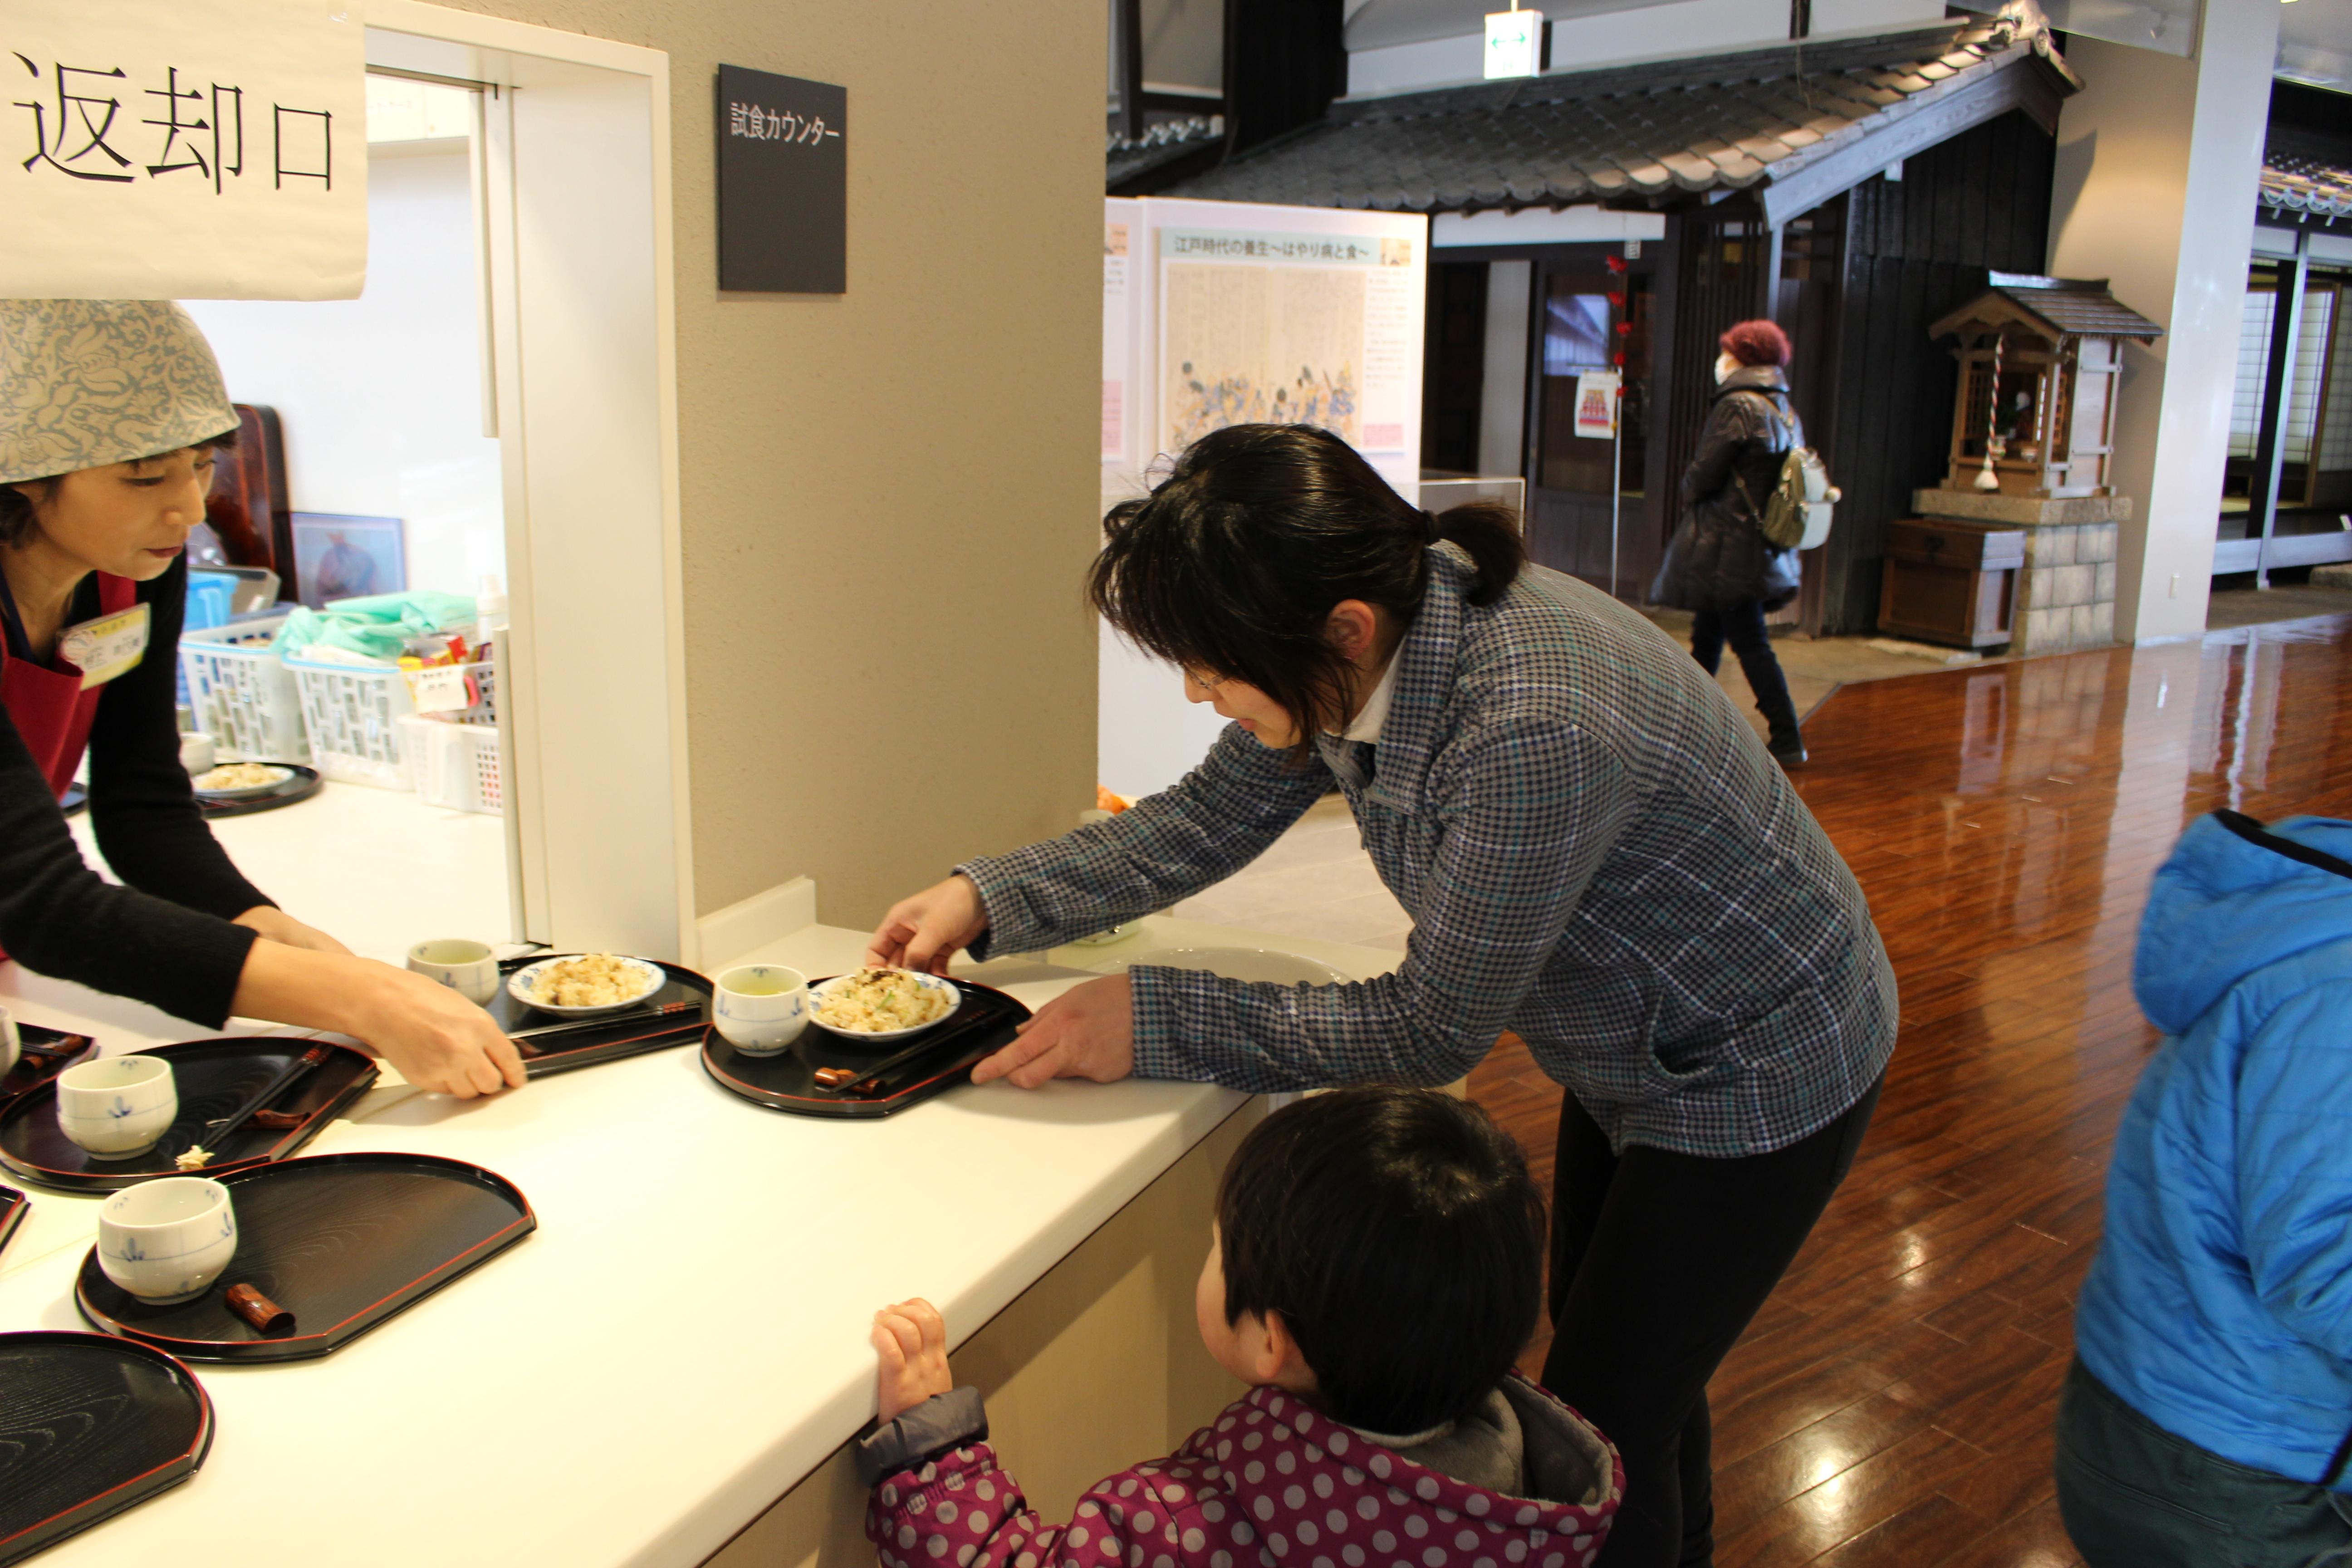 dc2c527b43 食文化館日記 » 浜焼き鯖のしょうが飯のふるまいを行いました!